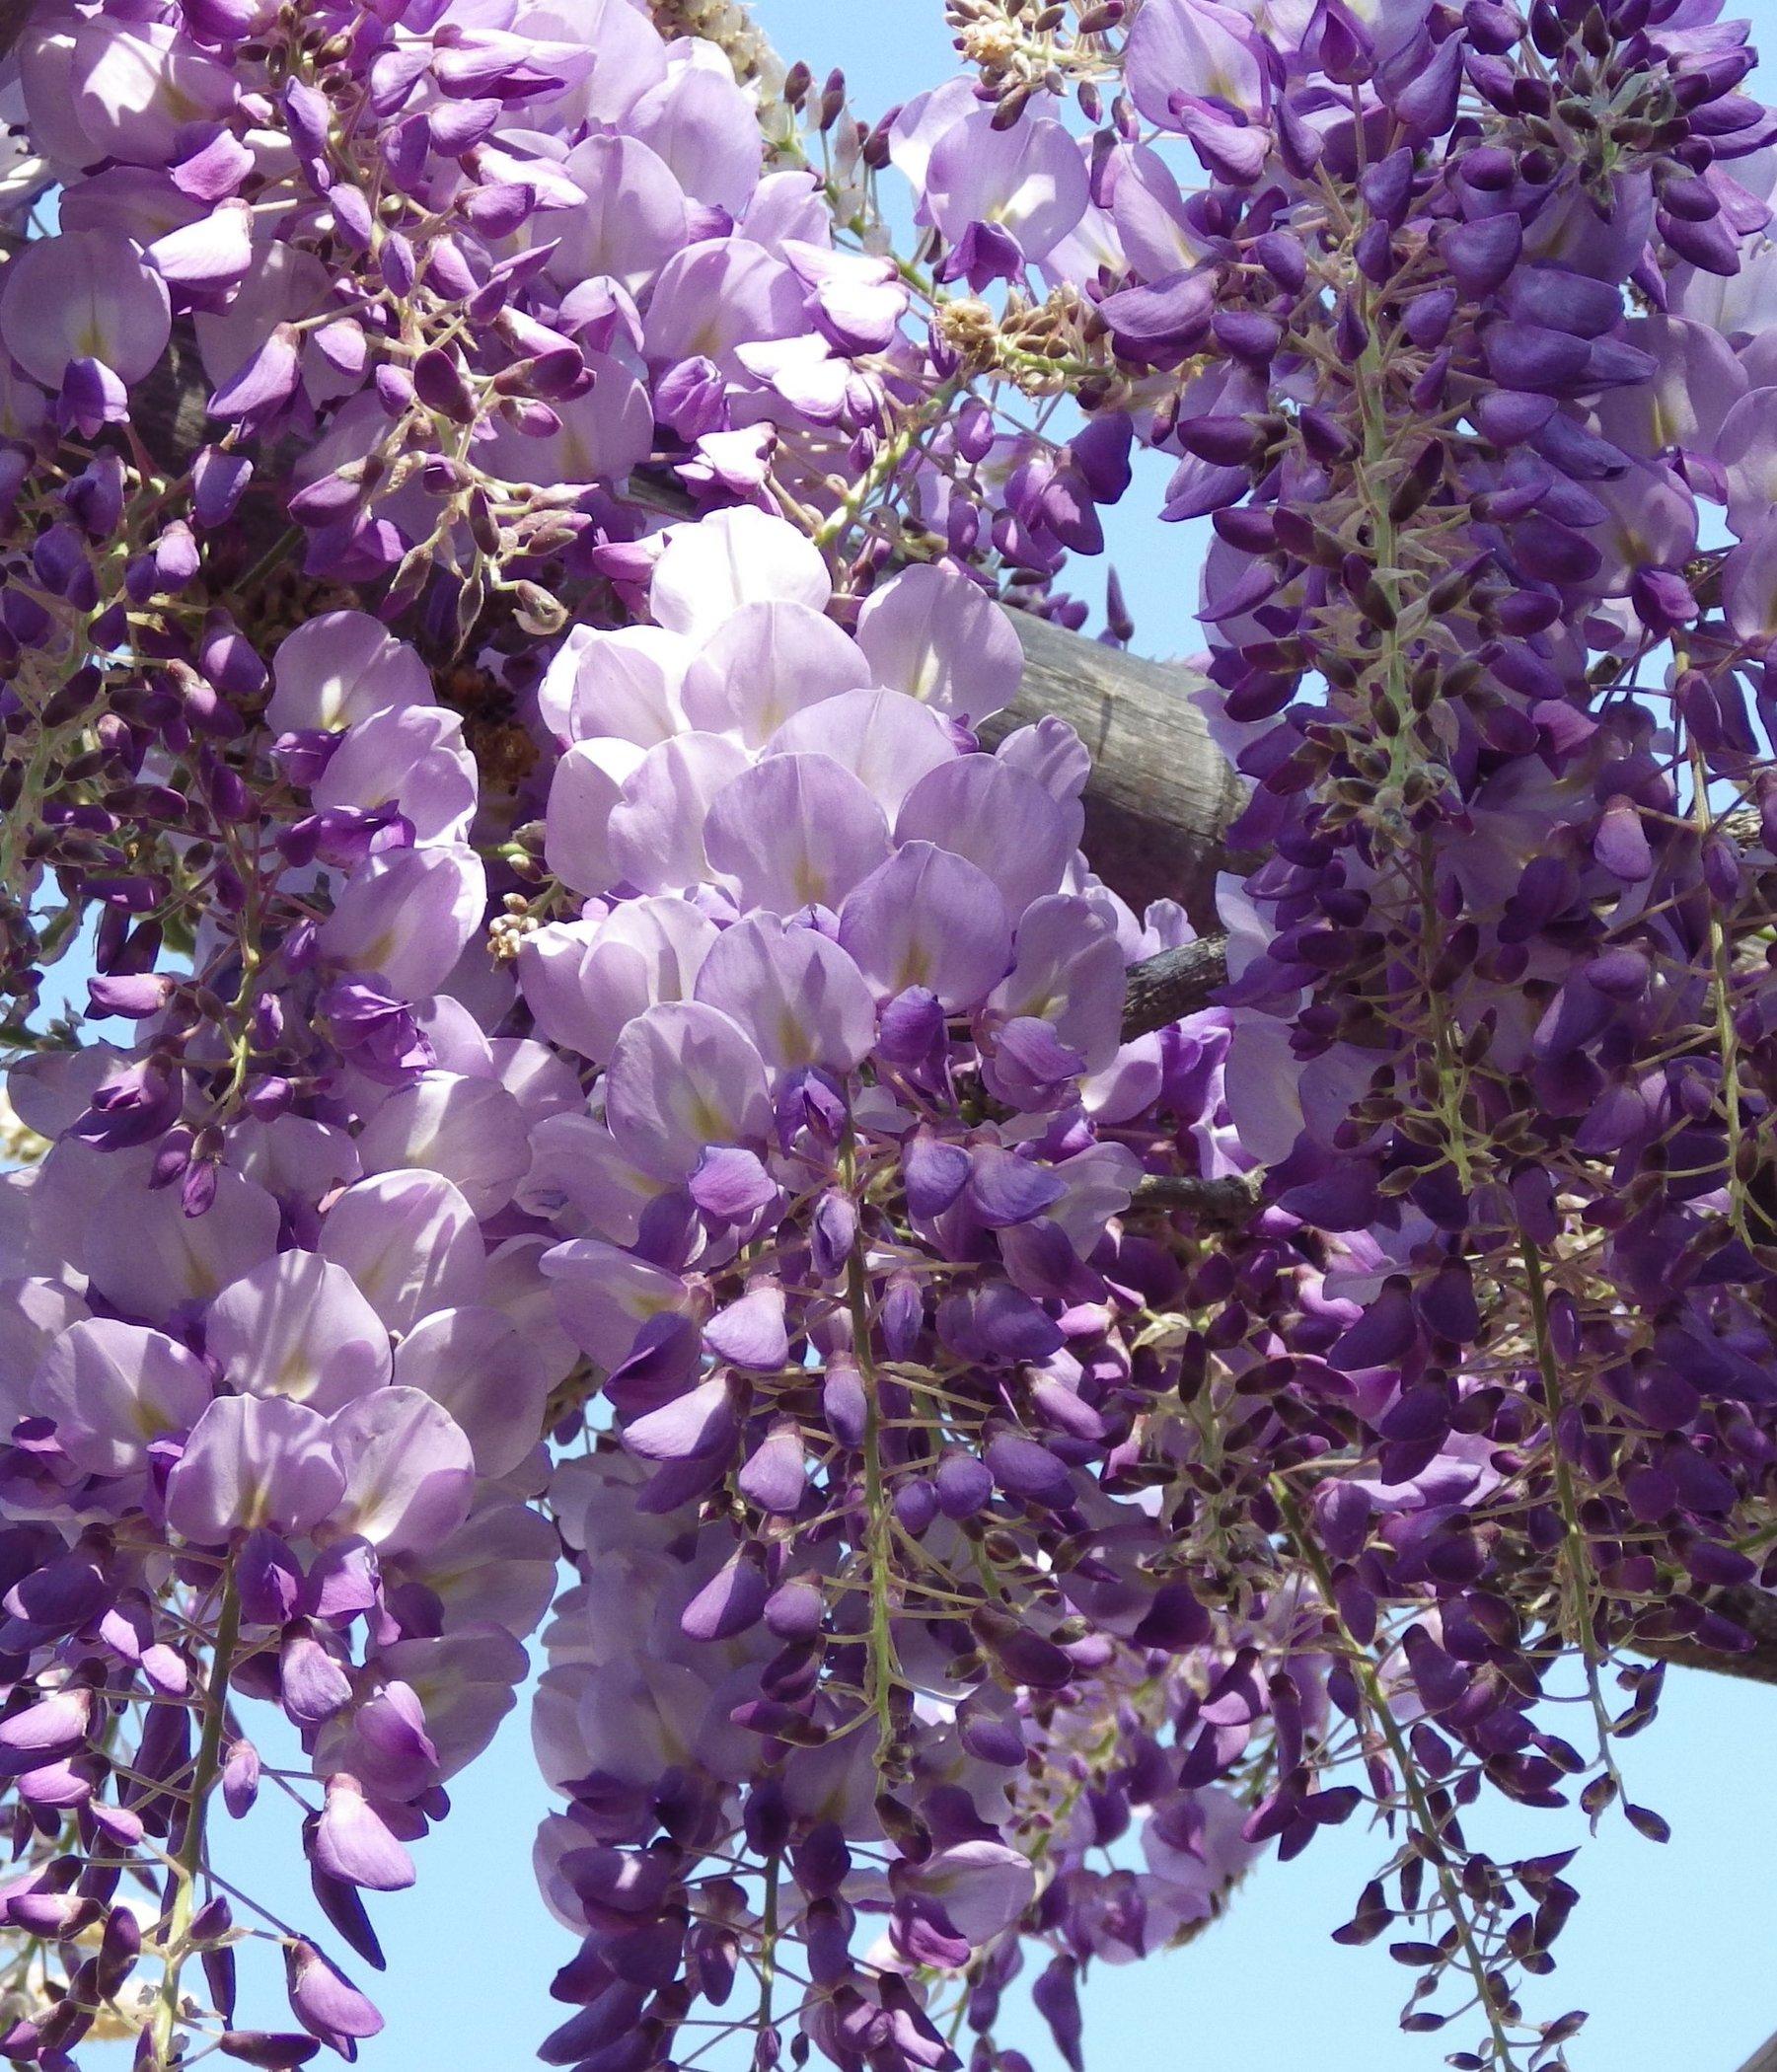 Quando Potare Il Glicine wisteria iko yama fuji v19 (glicine)